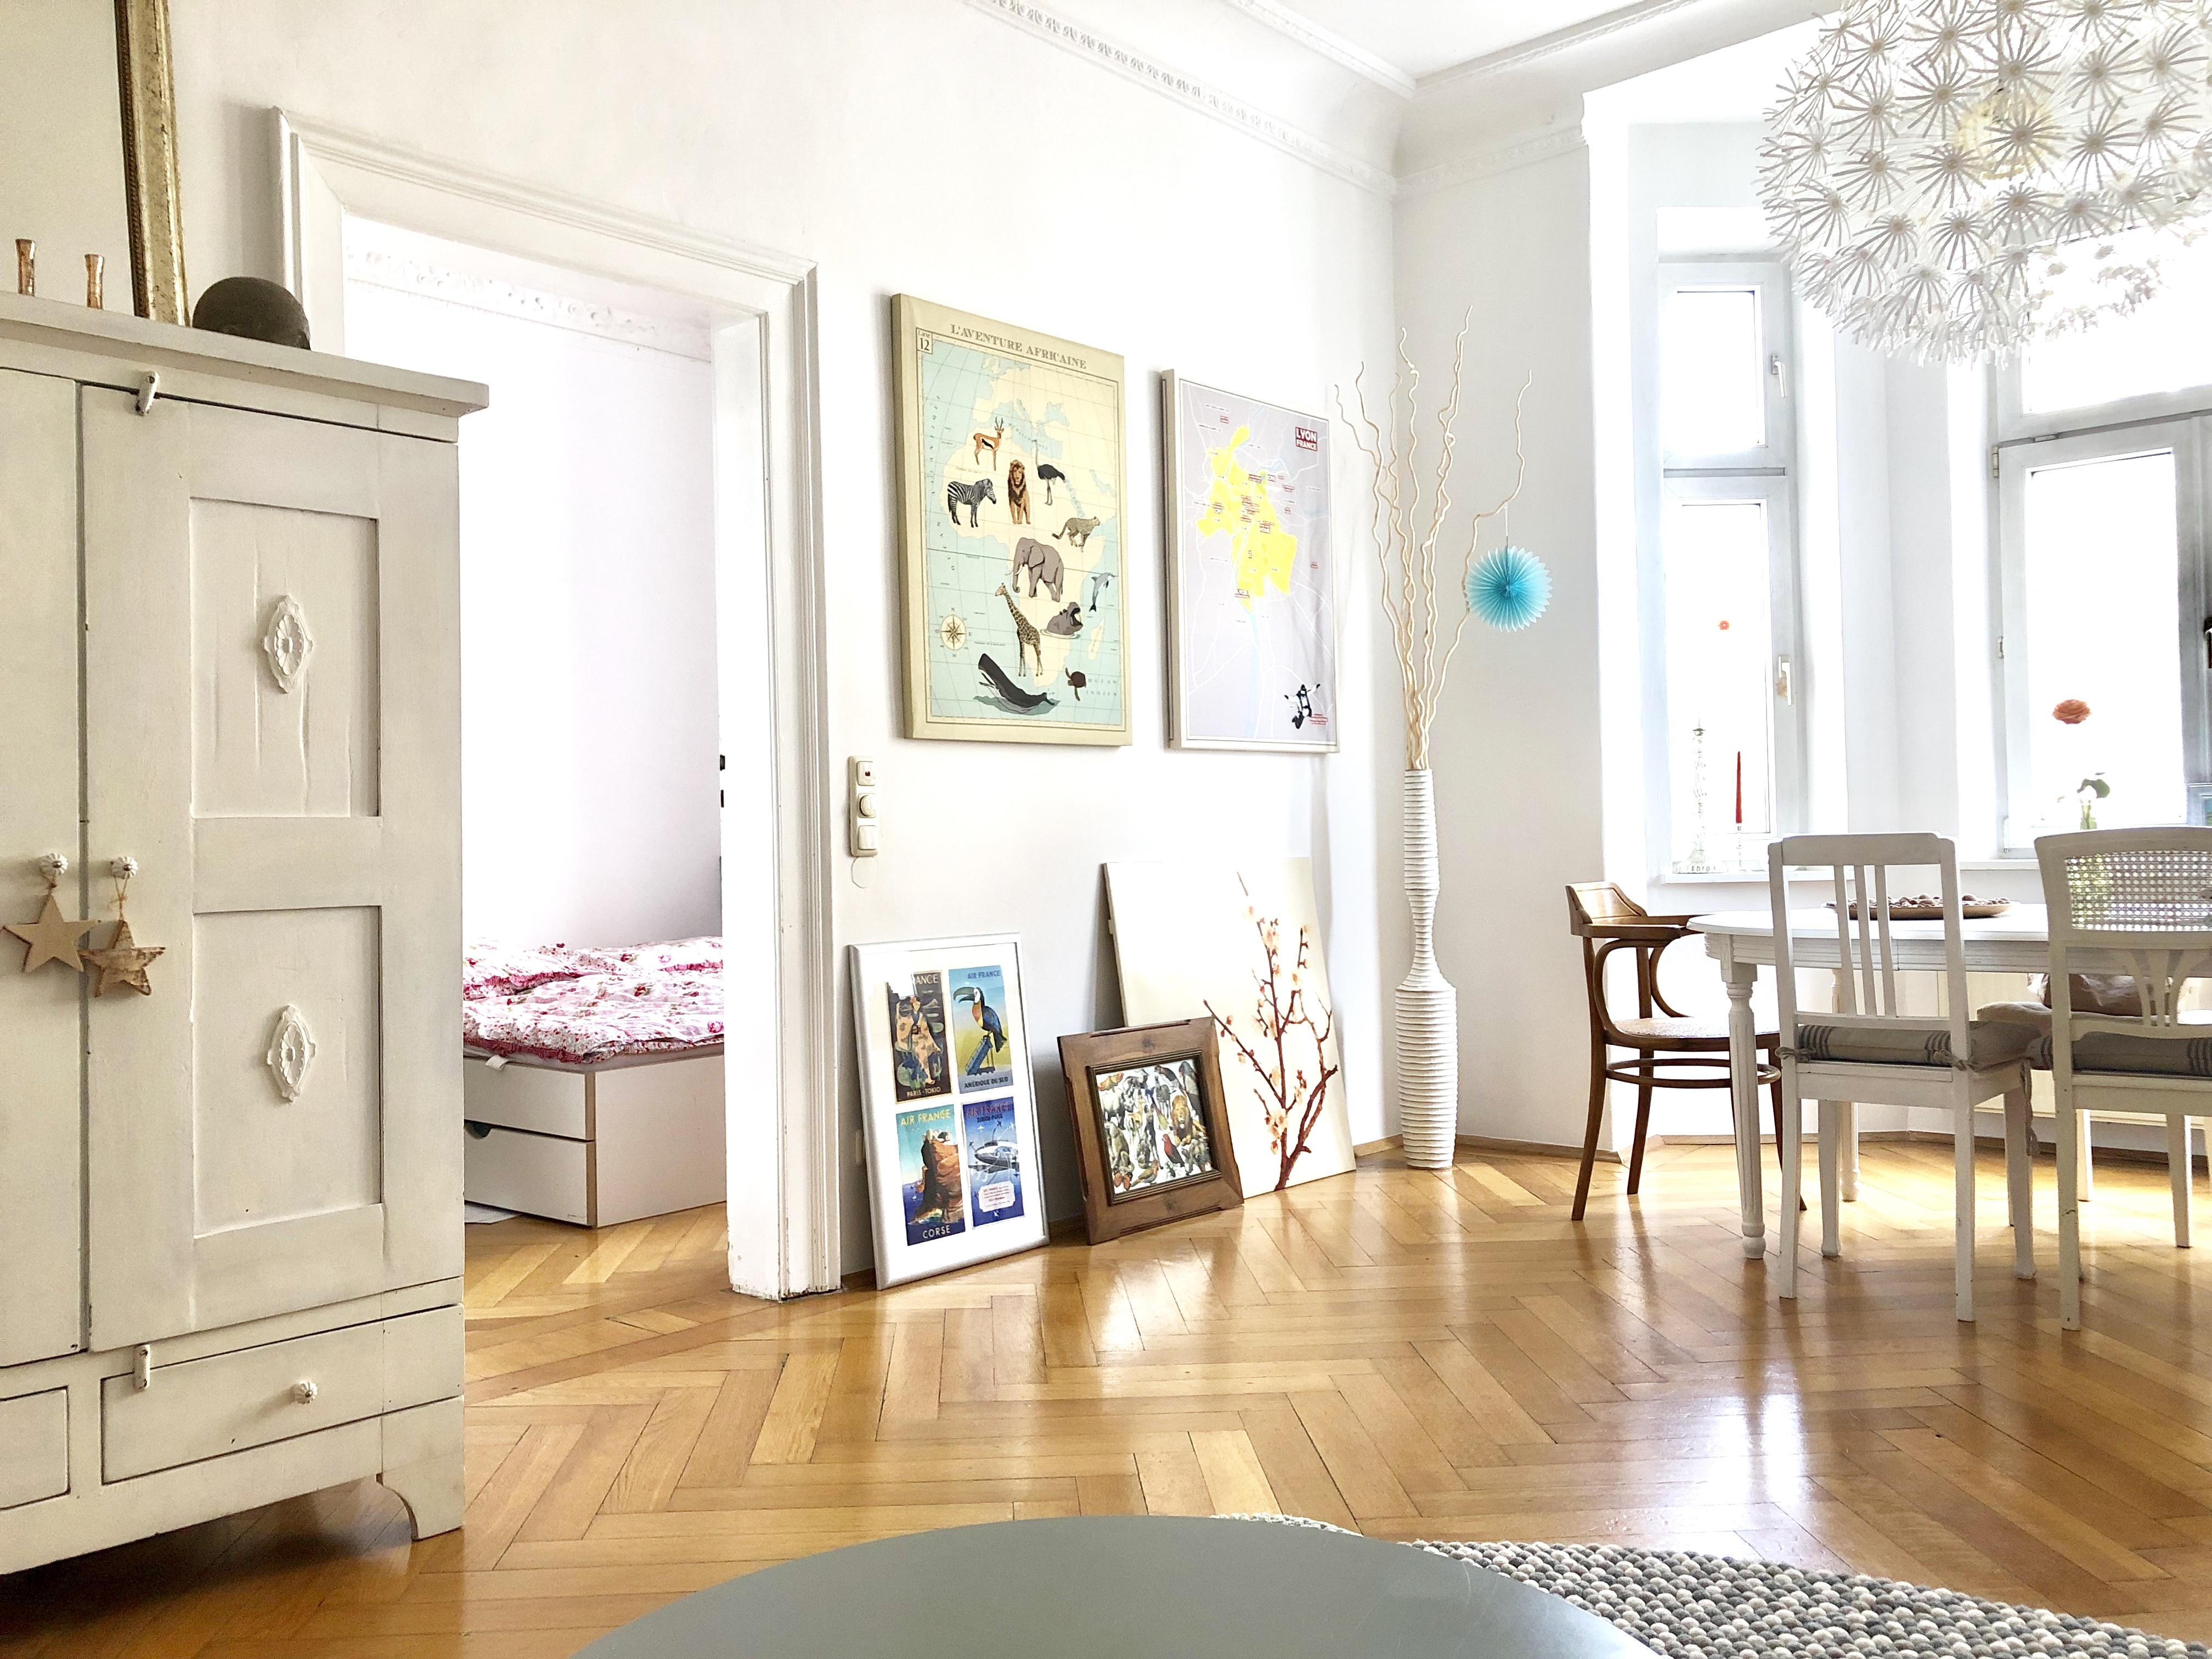 Wohnen, Naturholz, Weiß, Dekoration, Tür, Bilderrahmen, Tisch, Stuhl